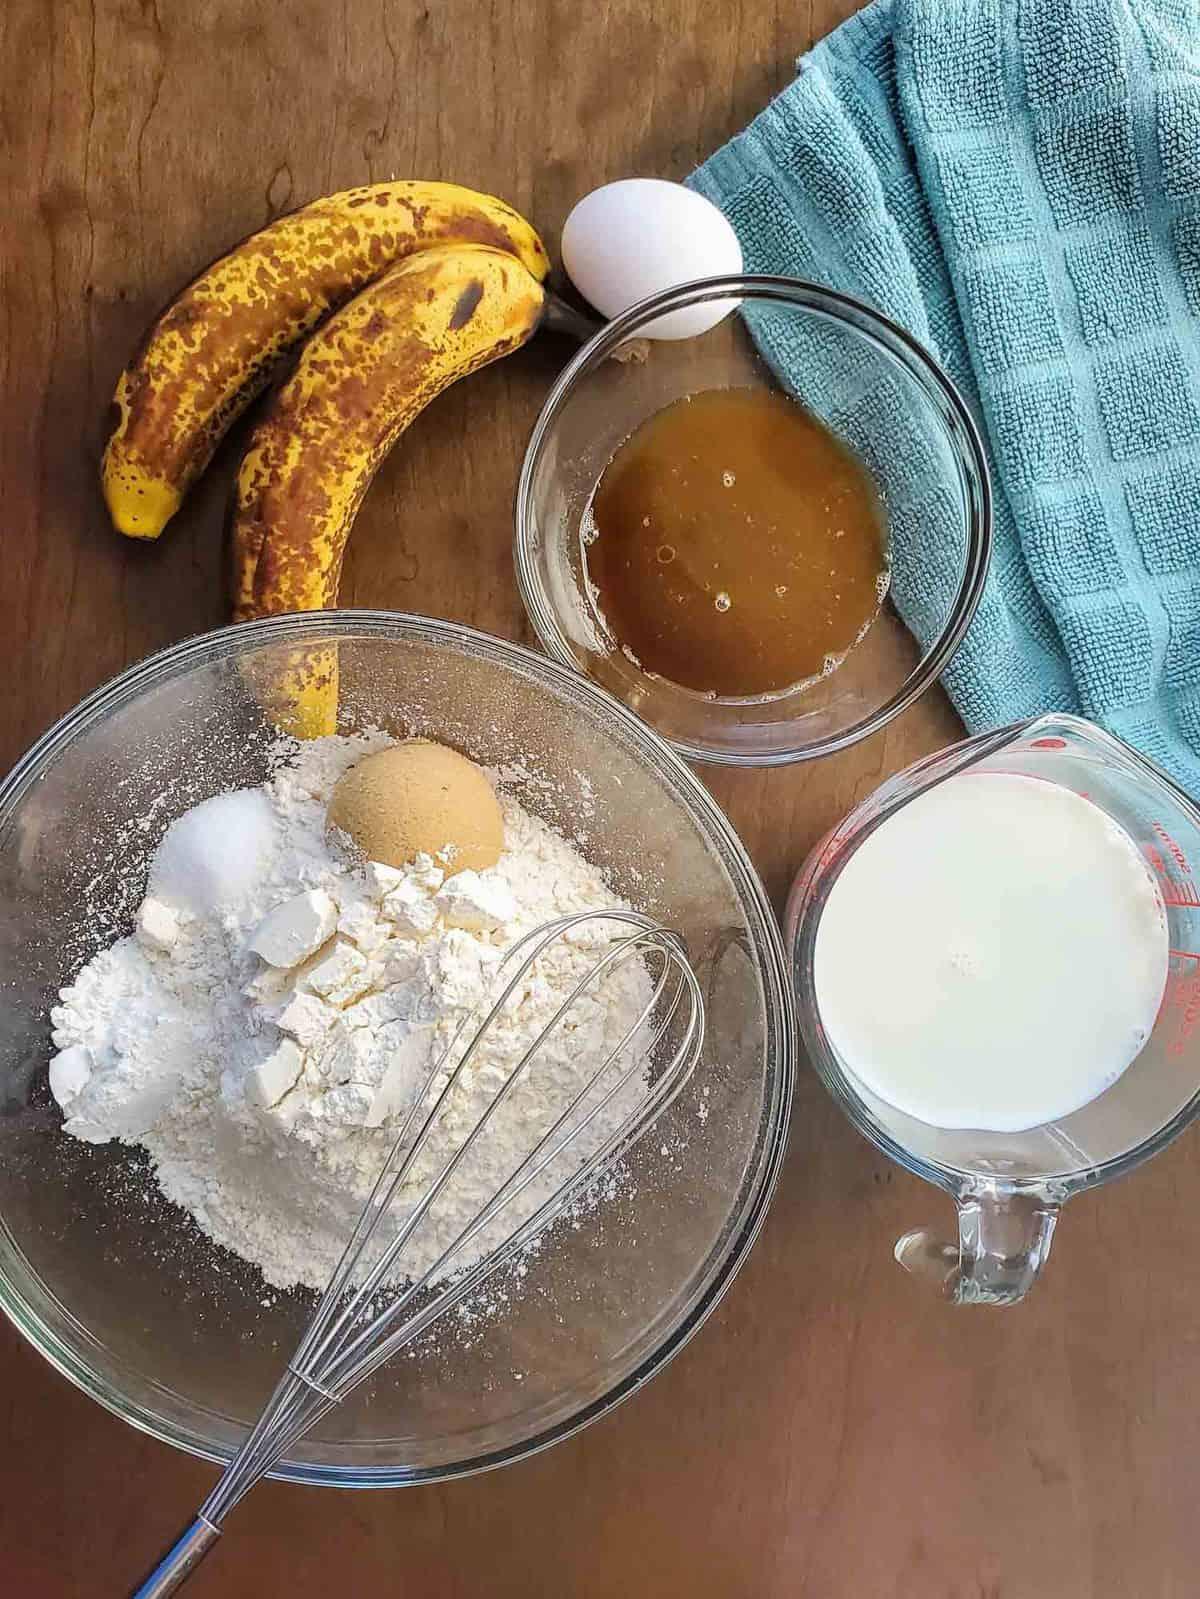 Overhead view of ingredients: flour, egg, brown sugar, banana, milk.